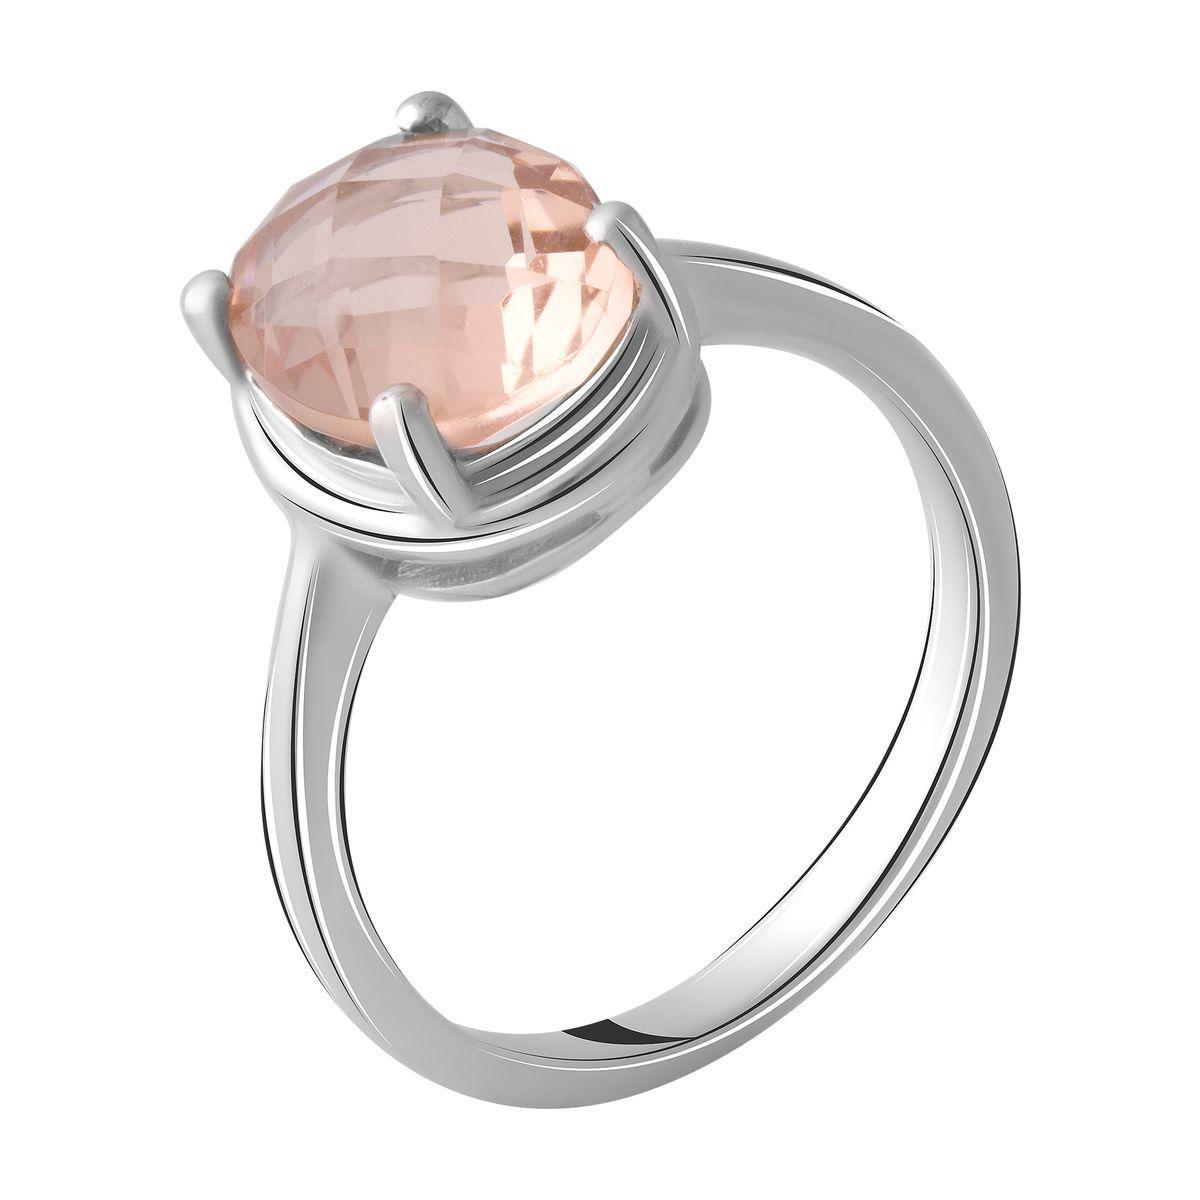 Серебряное кольцо DreamJewelry с морганитом nano 2.57ct (2045663) 18 размер